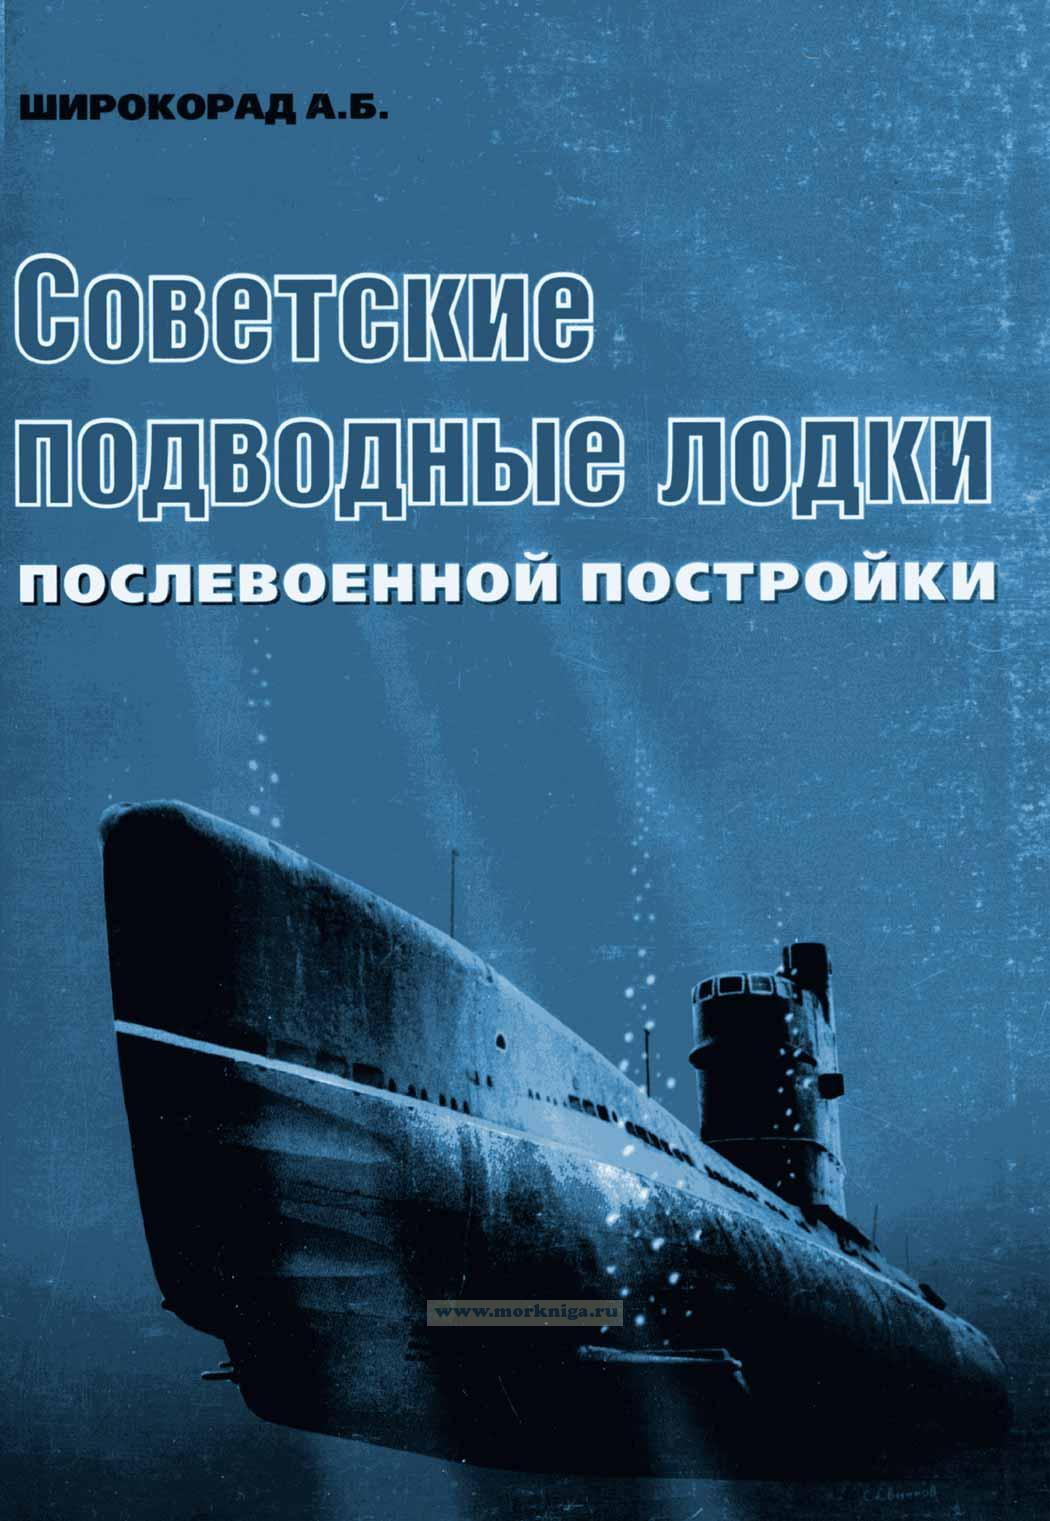 Советские подводные лодки, послевоенной постройки